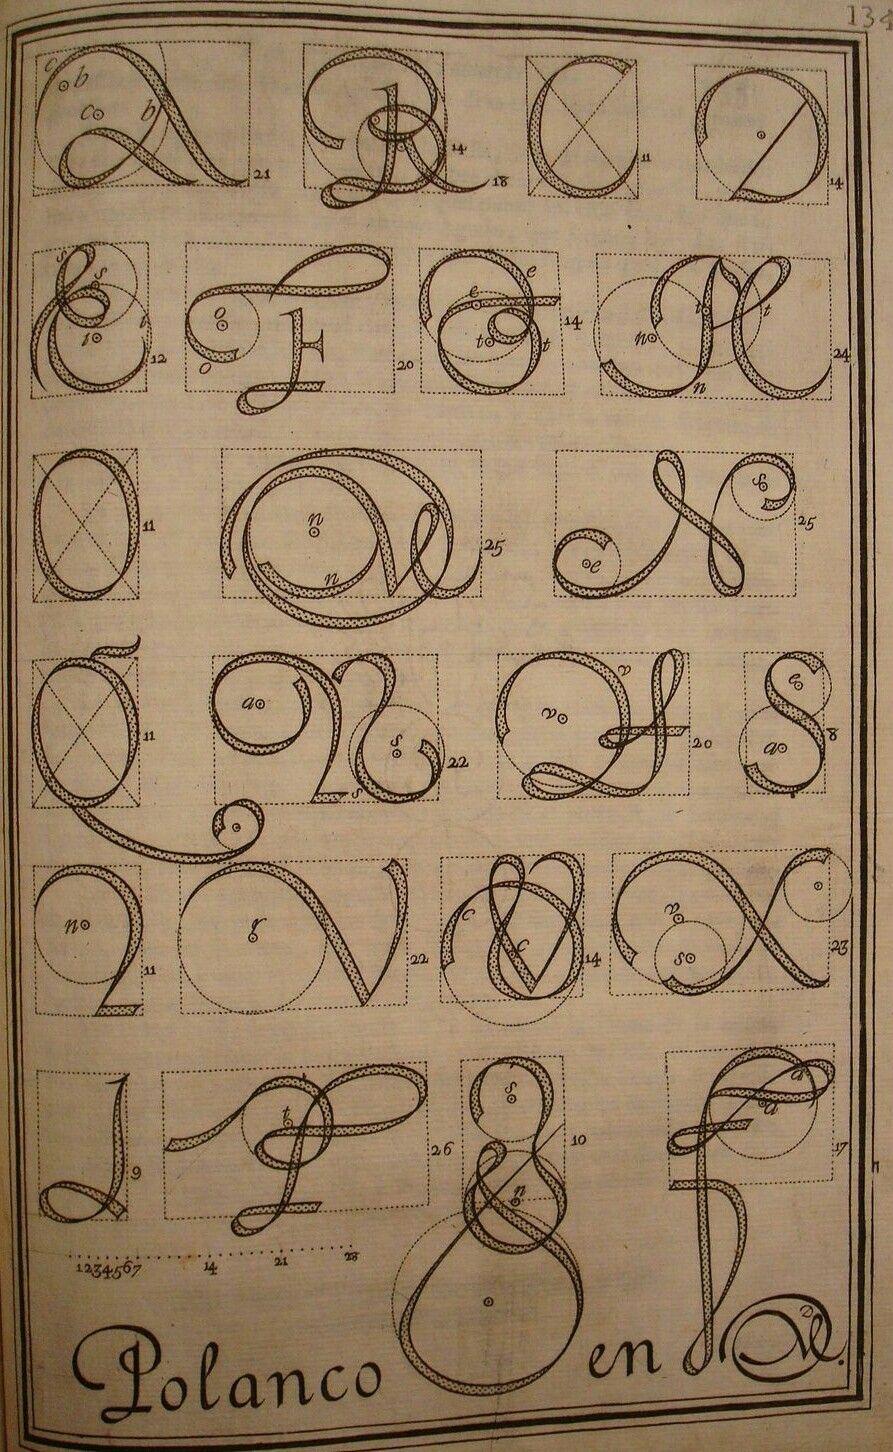 Polanco script